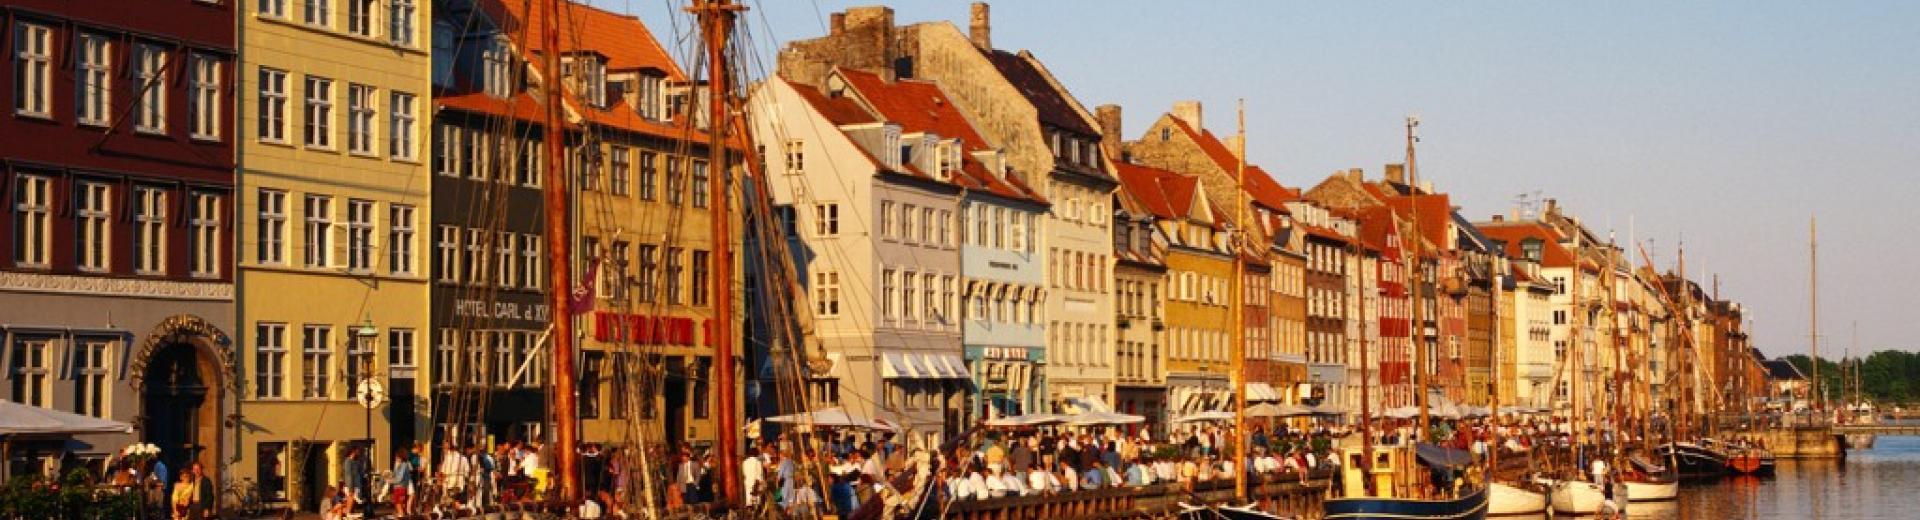 Grand Tour of Scandinavia